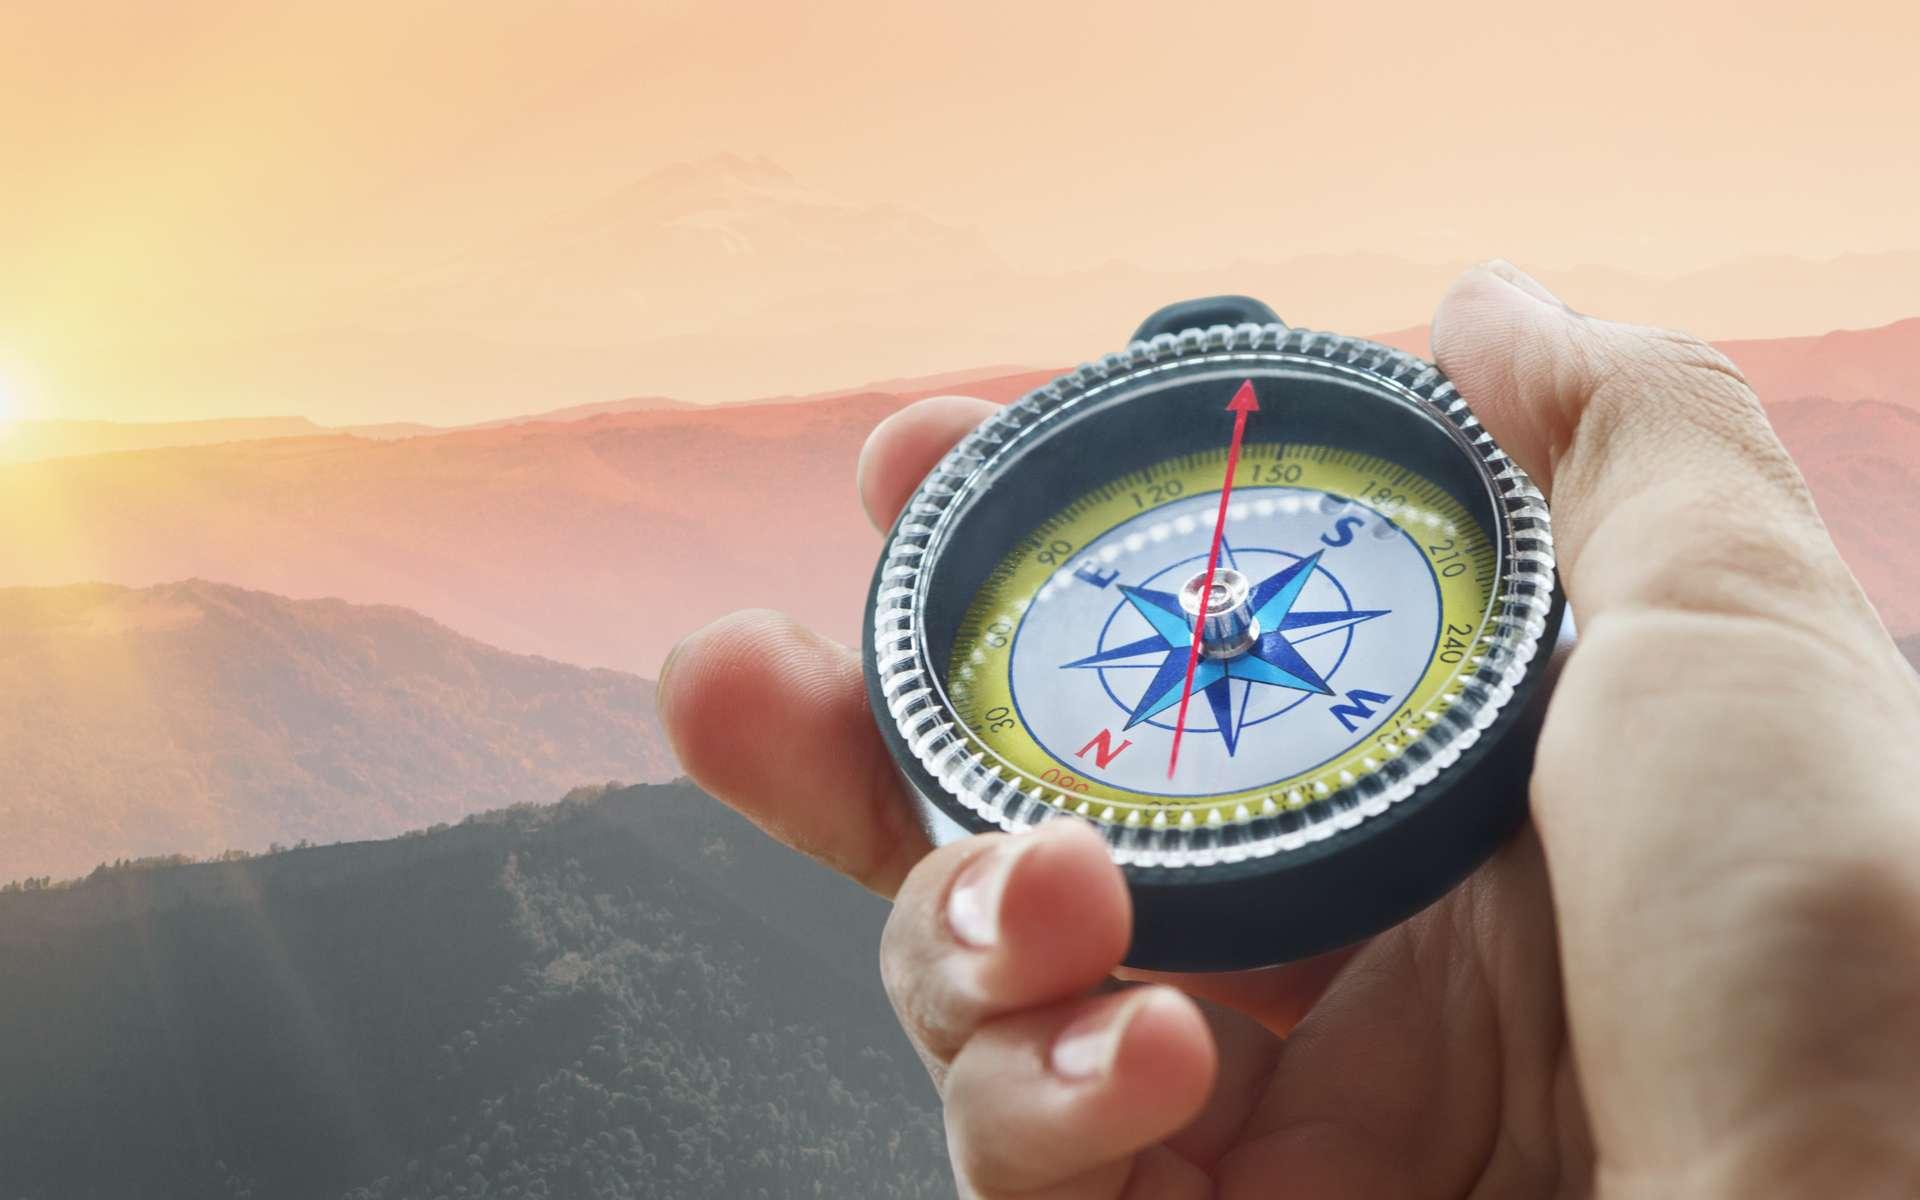 La boussole est une invention chinoise. La première utilisation en tant qu'instrument de navigation date probablement du XIe siècle après J.-C. © andreusK, Fotolia